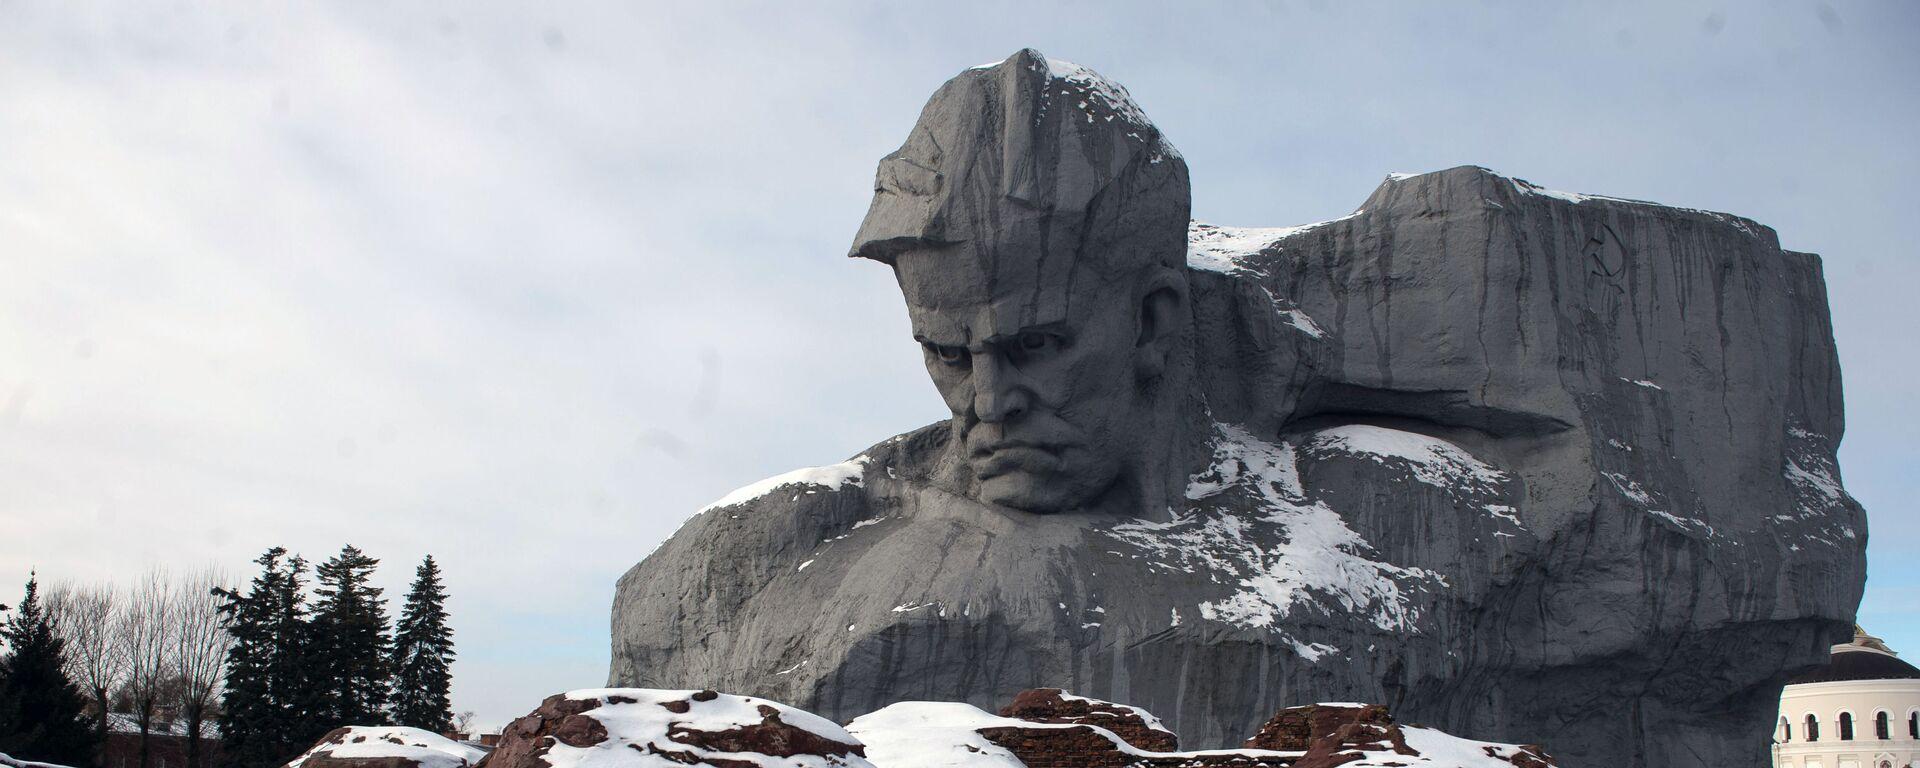 Monumento a los defensores de la fortaleza de Brest - Sputnik Mundo, 1920, 22.06.2020